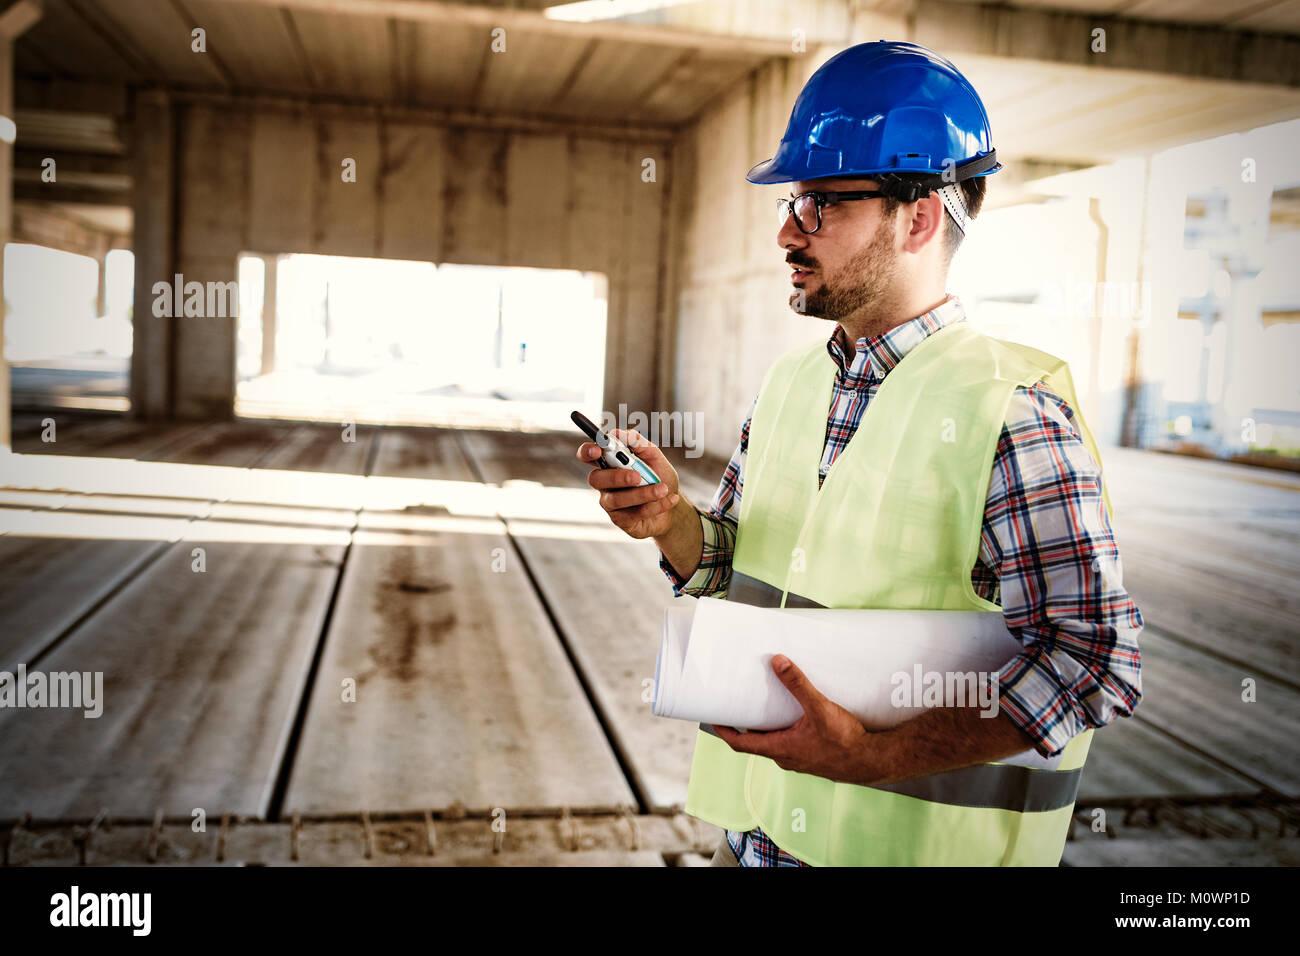 Männliche Kommunikation über Walkie-talkie am Standort Architekt Stockbild